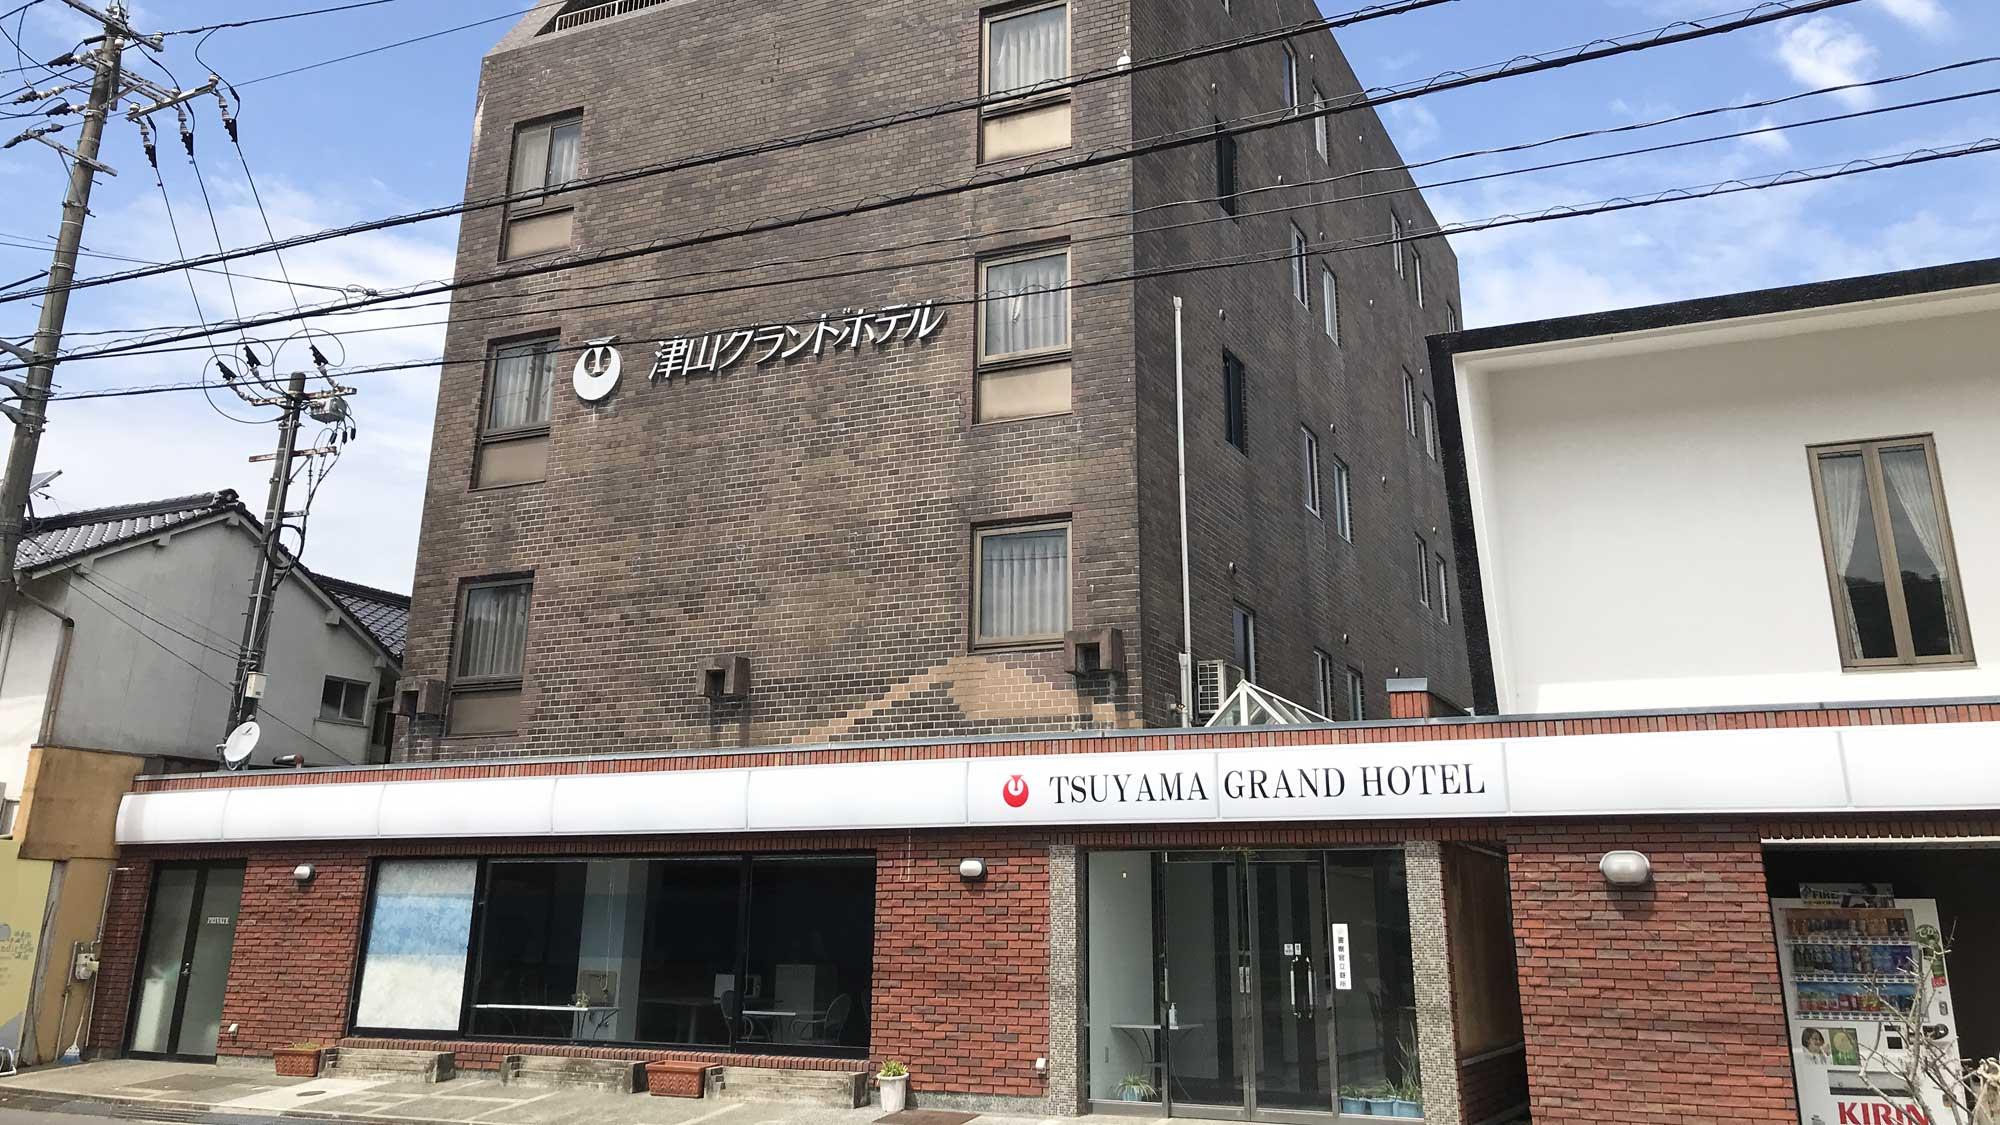 津山 グランド ホテル◆楽天トラベル